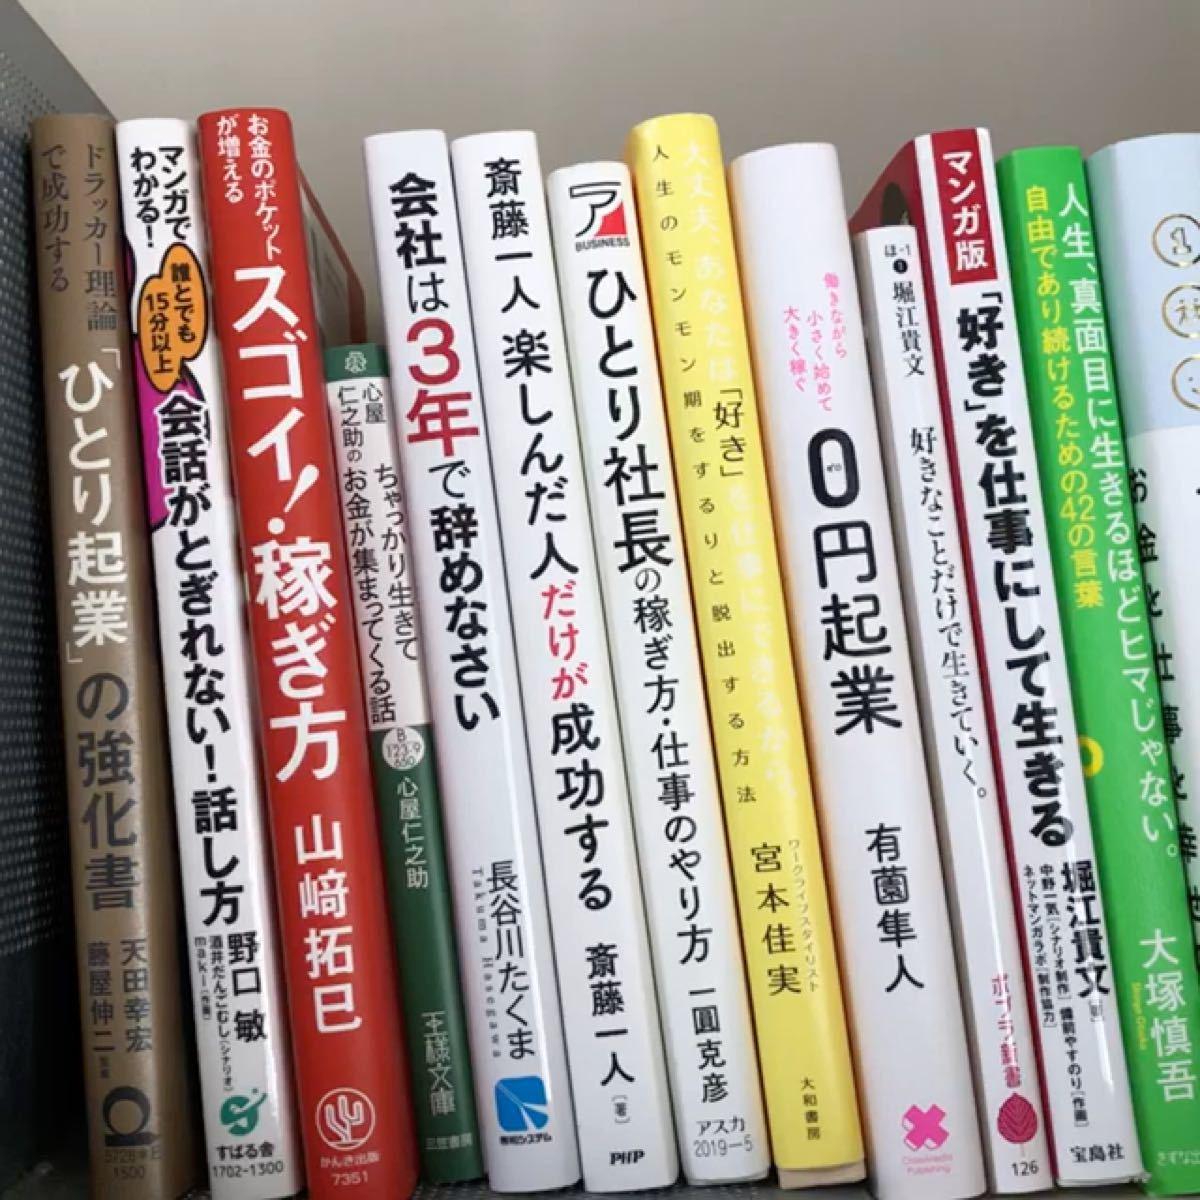 【値下げしました/選べる3冊セット】自己啓発、ビジネス本